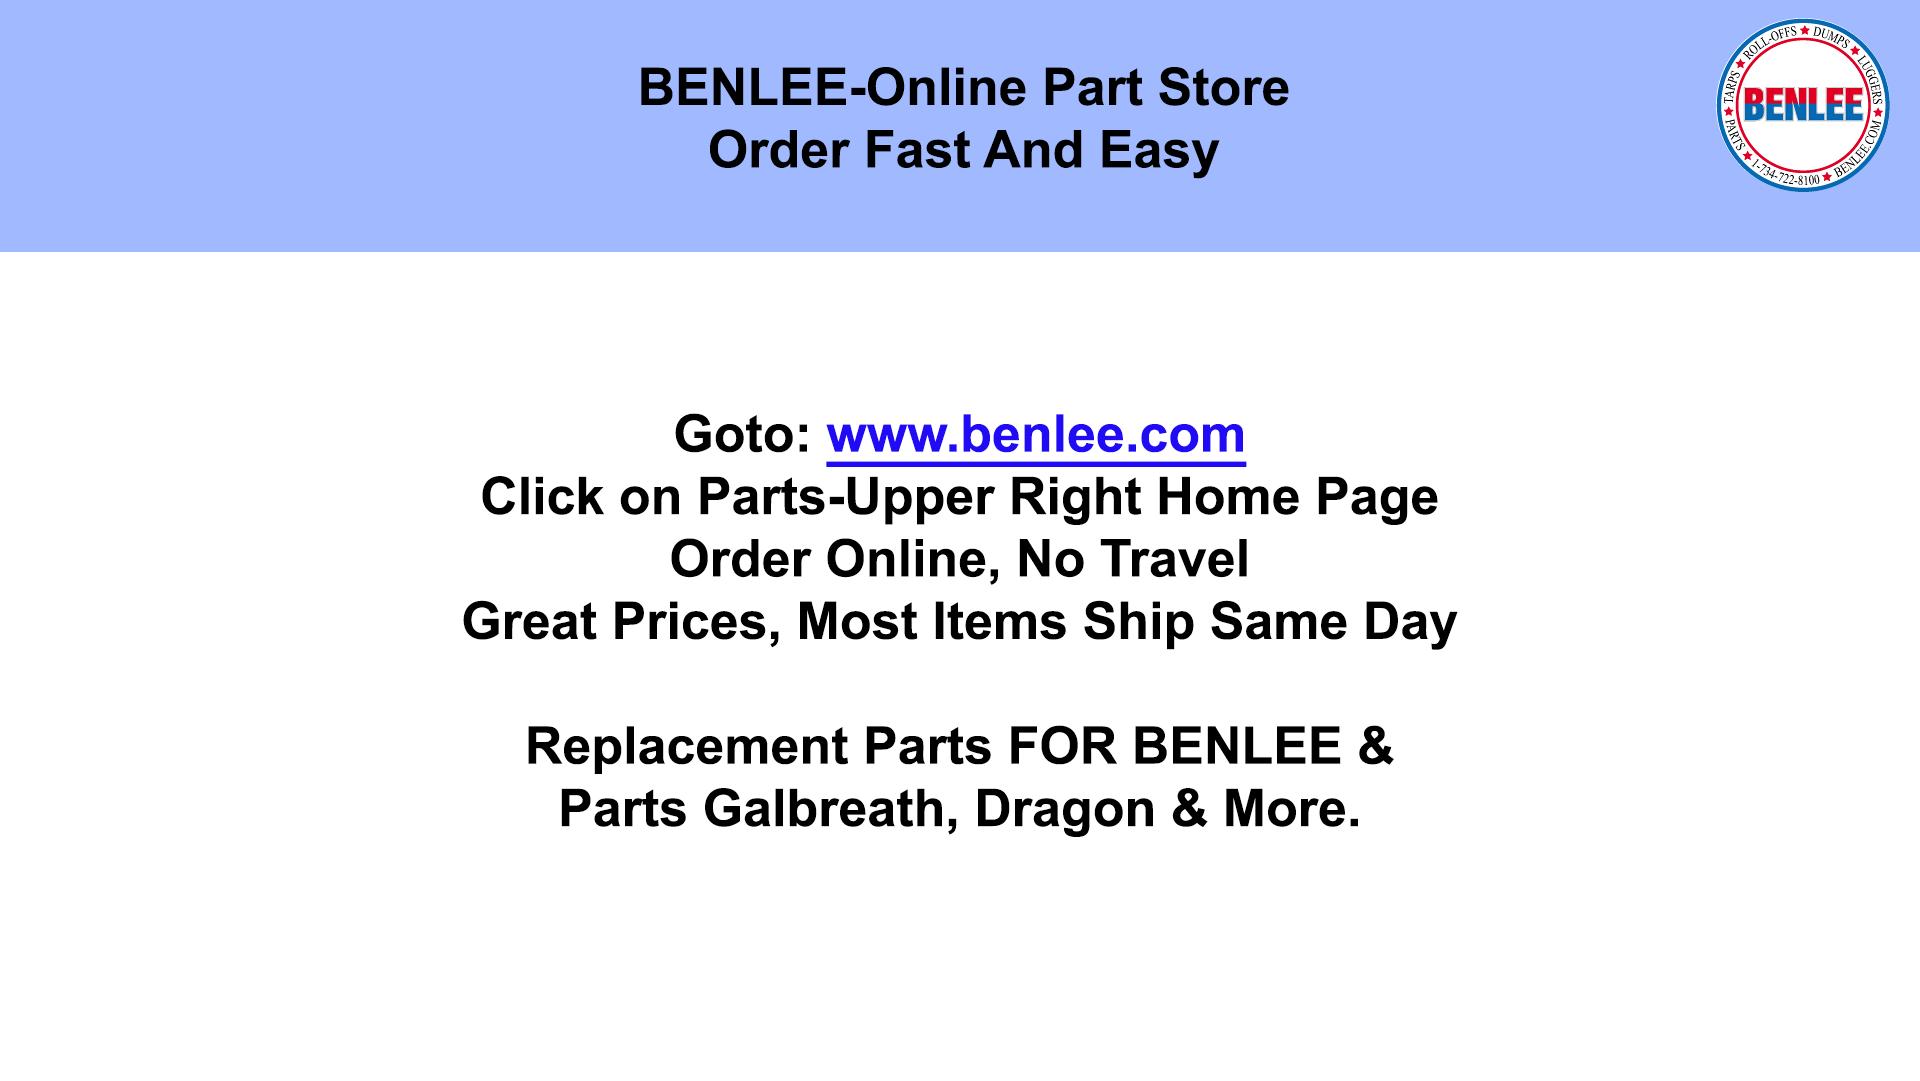 BENLEE Parts Store